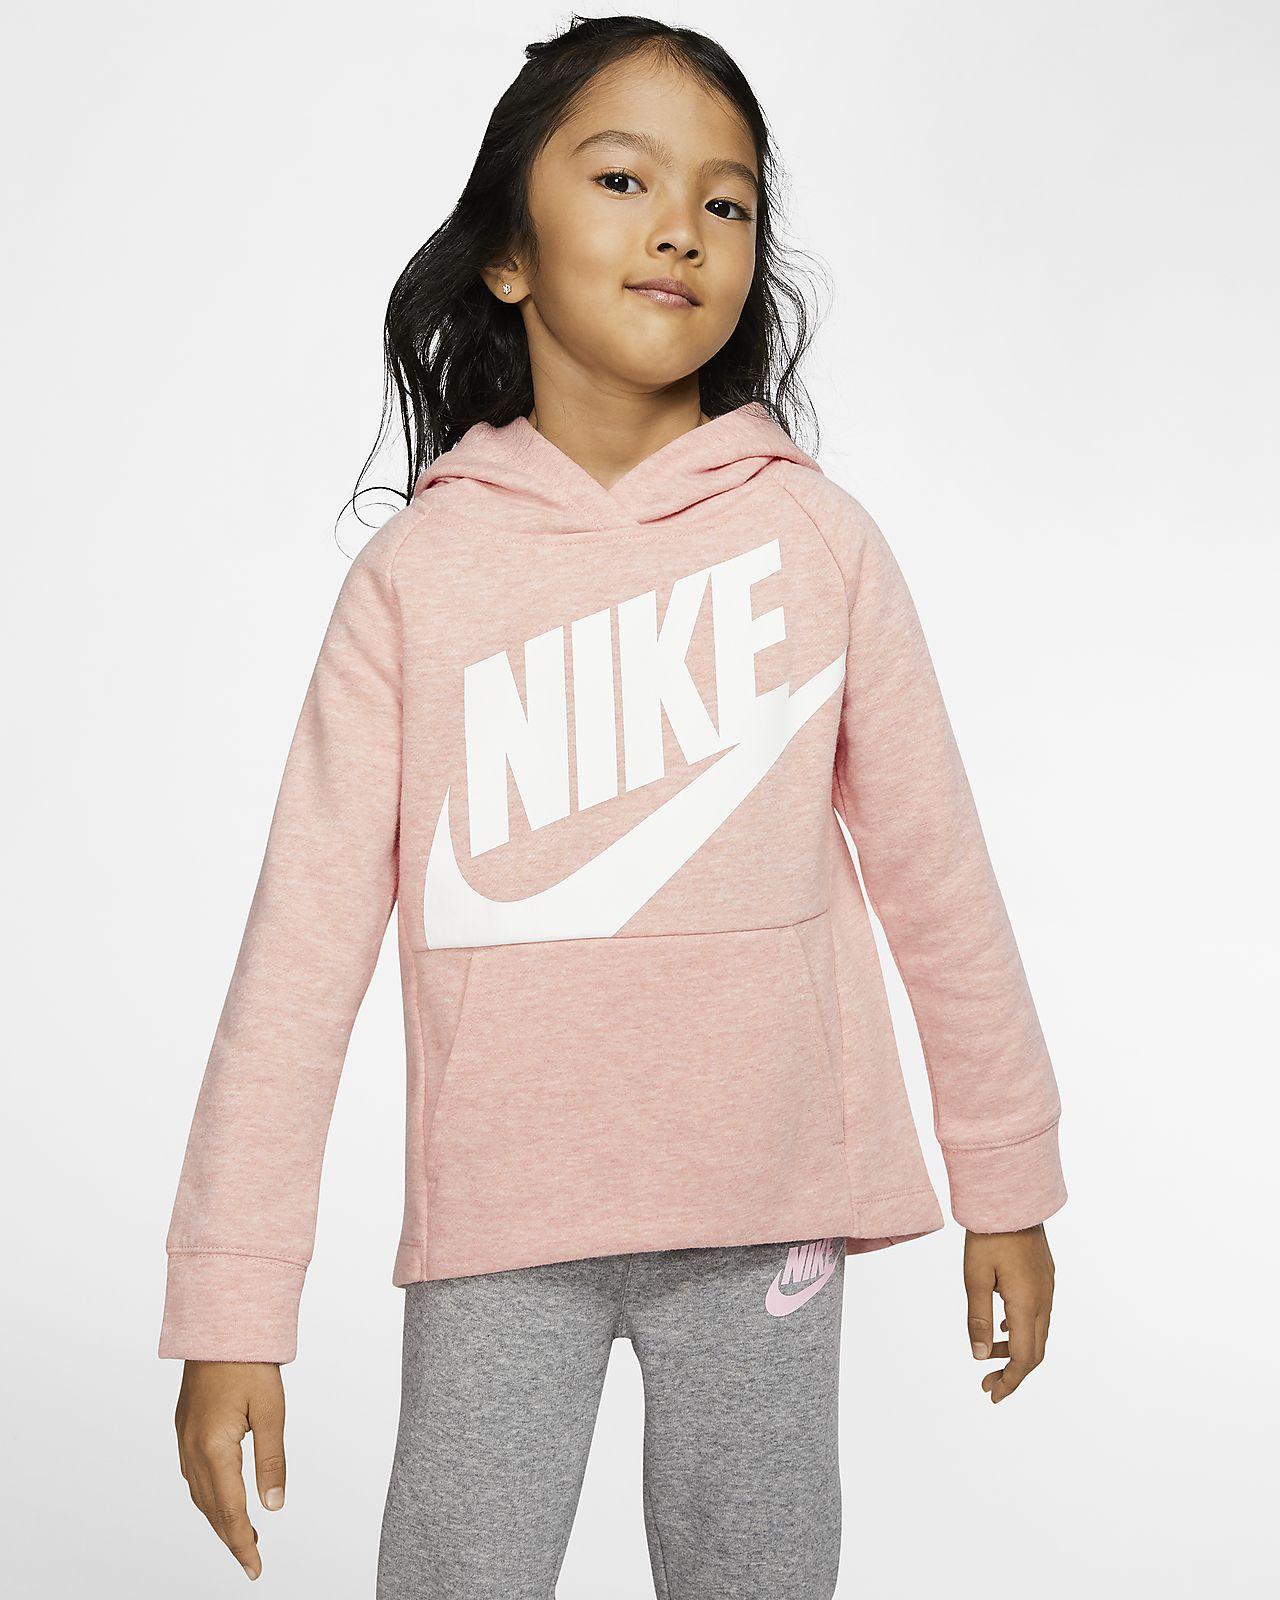 Nike Sportswear Little Kids' Fleece Hoodie